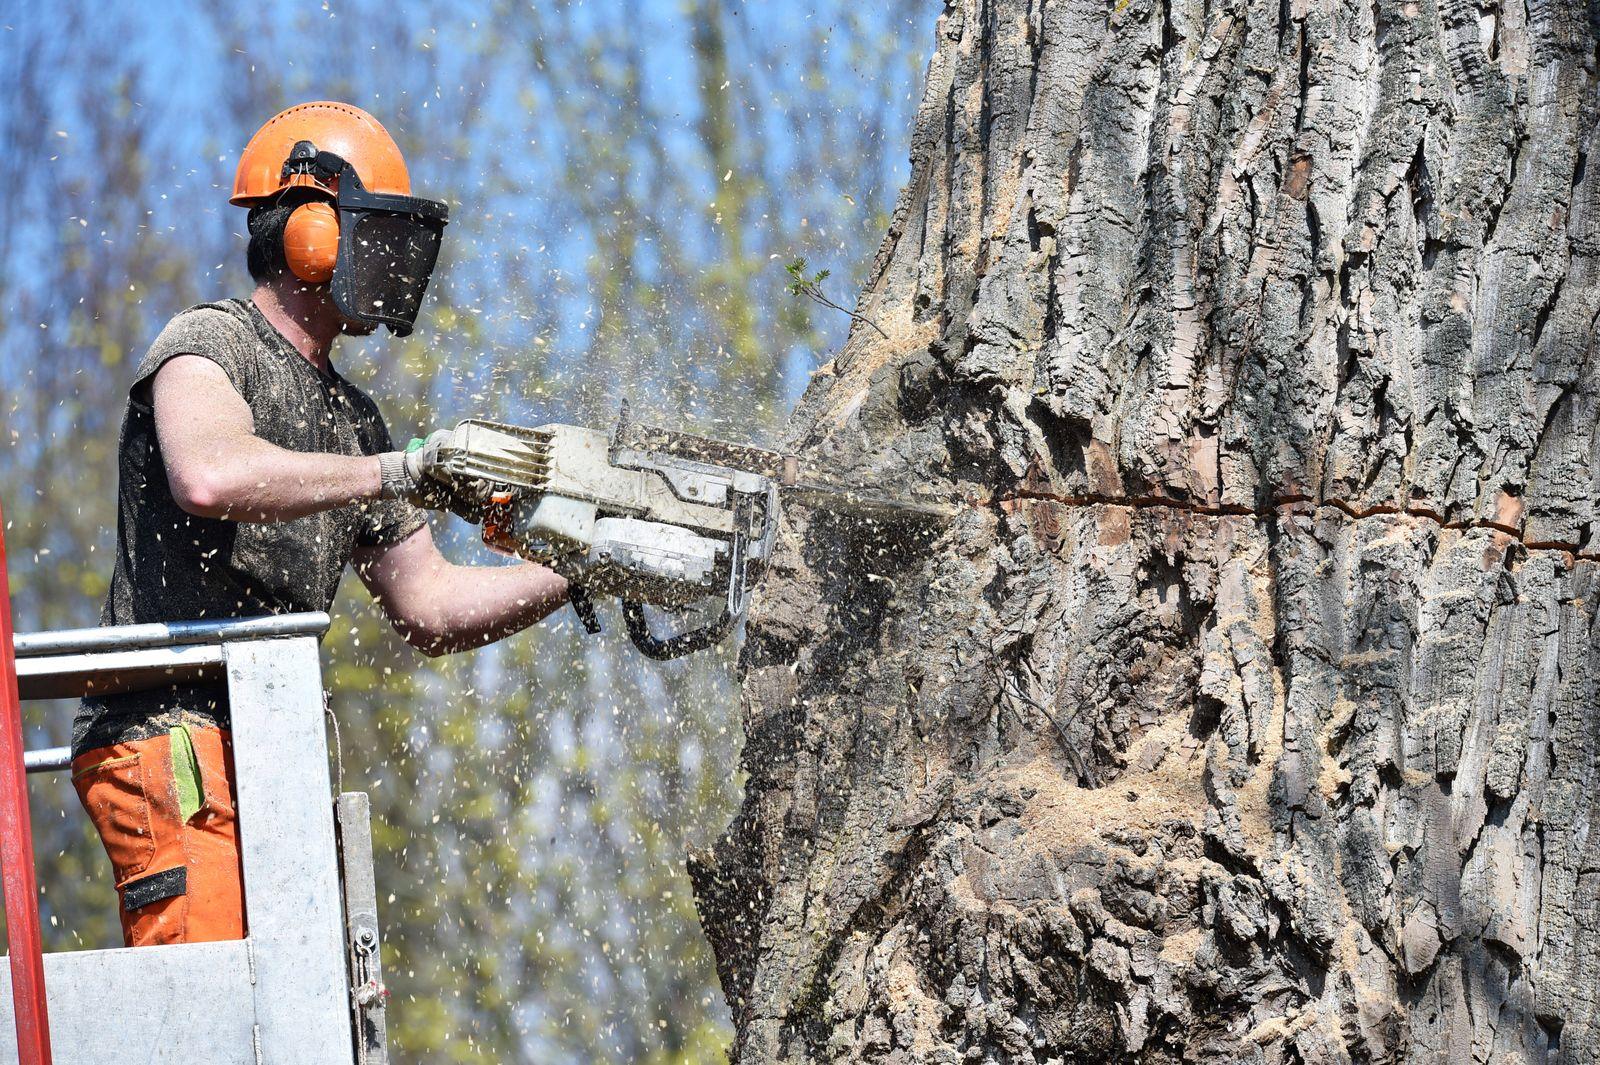 Alten Baum f?llen *** Cutting down old trees 1038804107